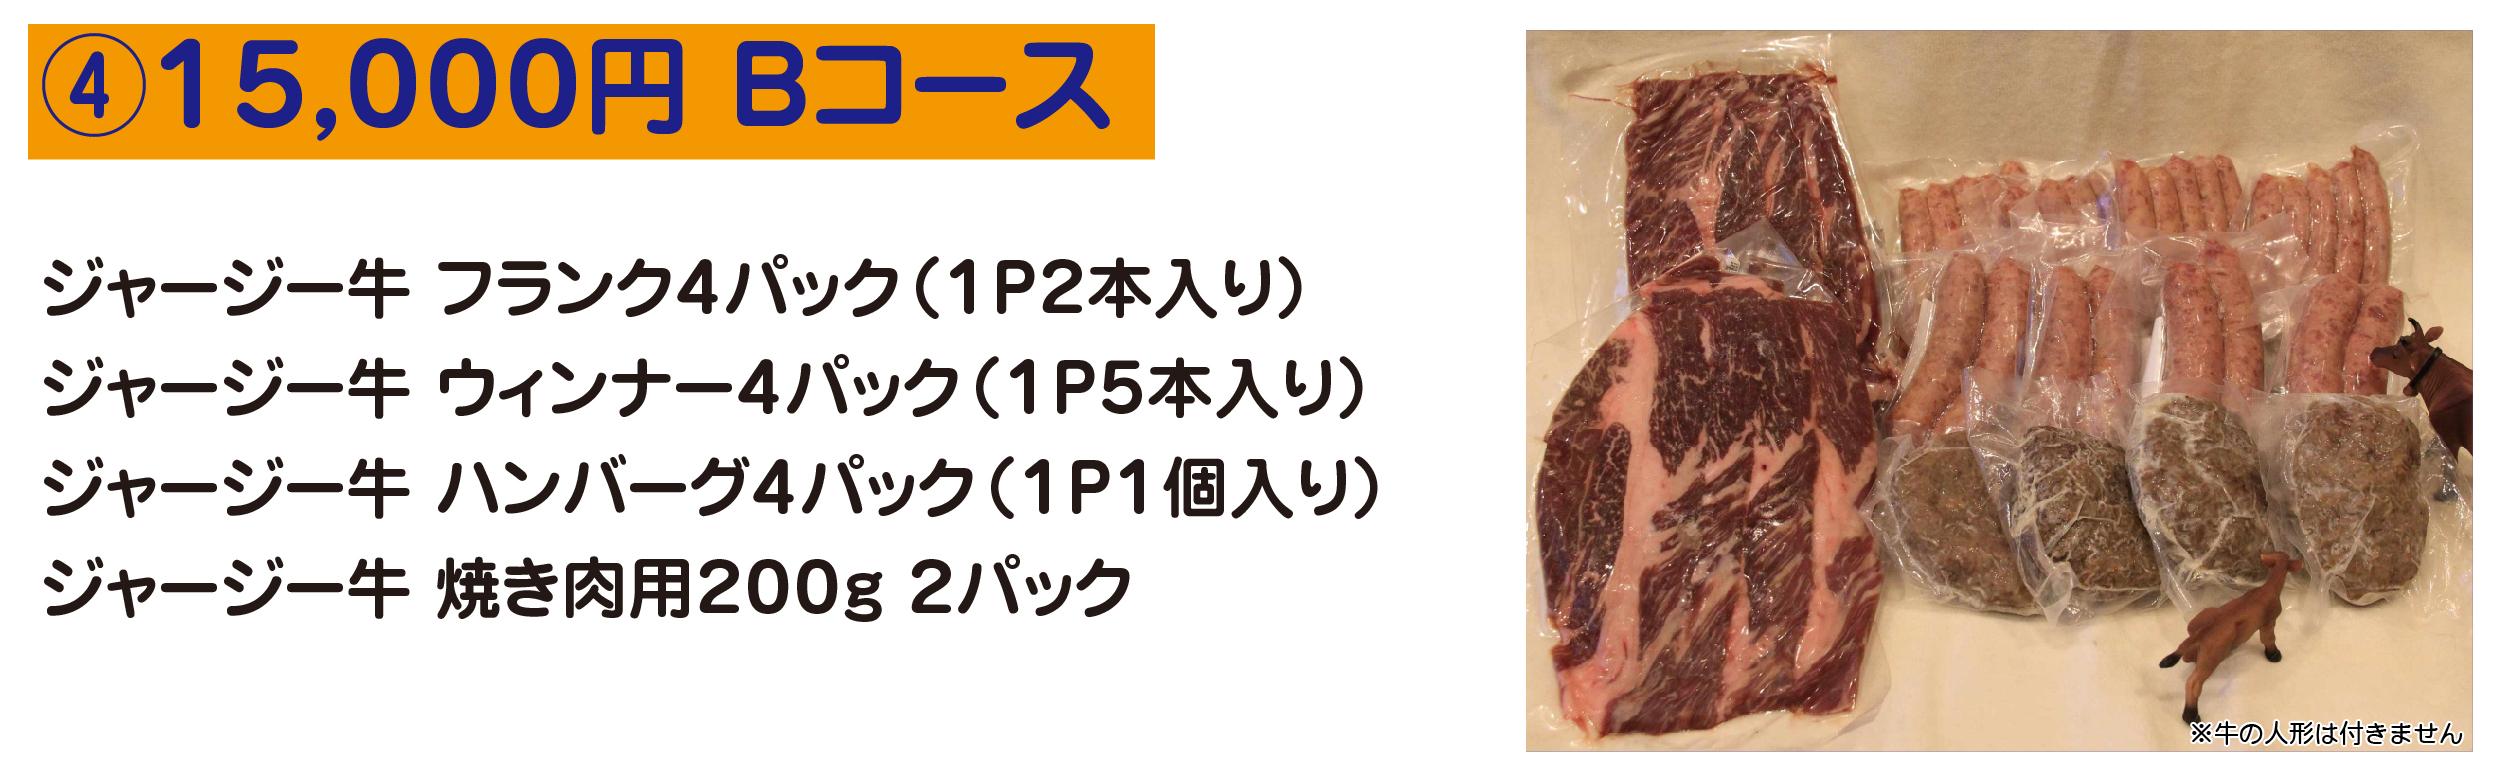 ④15,000円 Bコース ジャージー牛 フランク4パック(1P2本入り) ジャージー牛 ウィンナー4パック(1P5本入り) ジャージー牛 ハンバーグ4パック(1P1個入り) ジャージー牛 焼き肉用200g 2パック